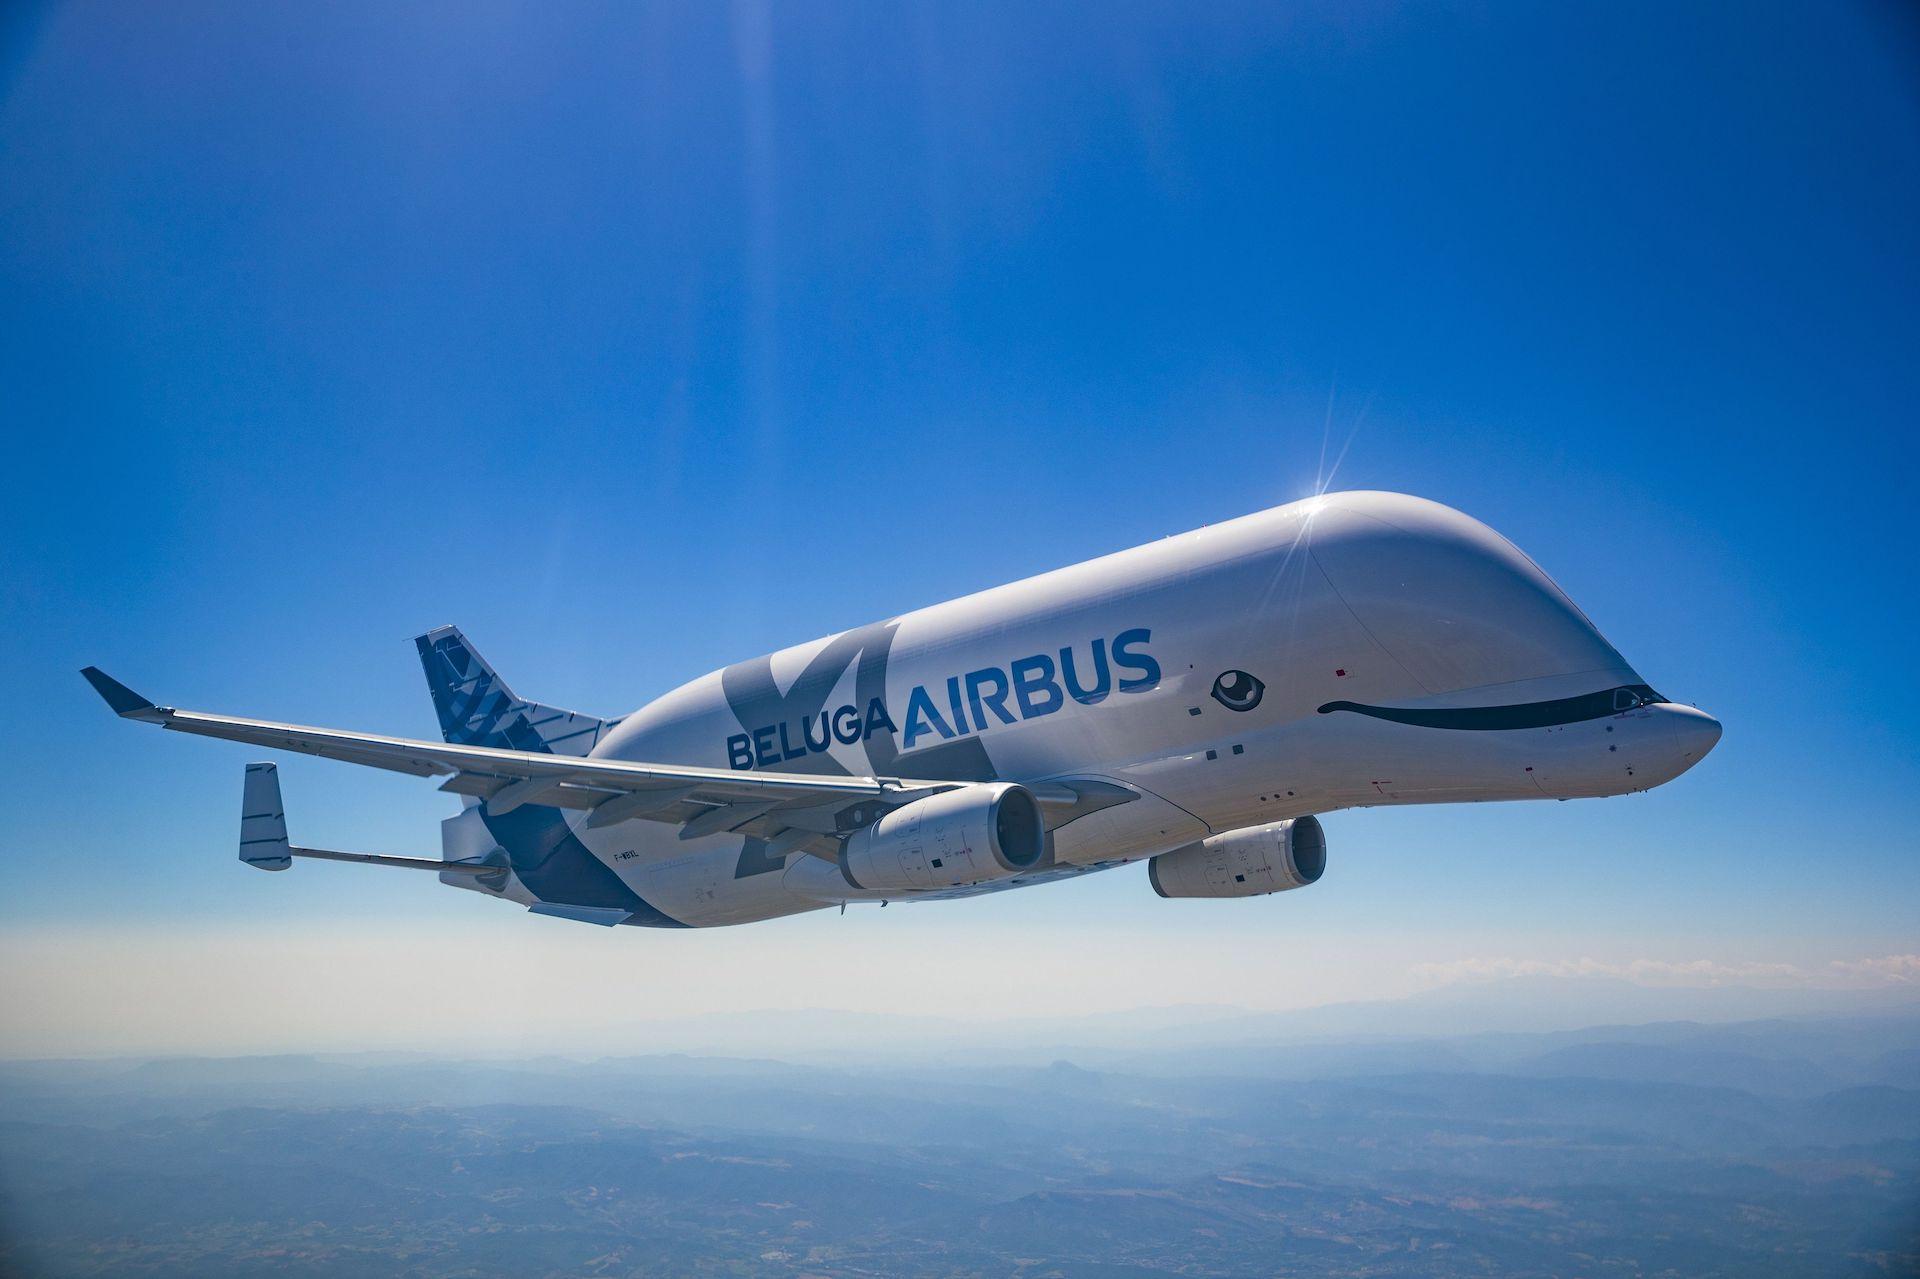 Así es el nuevo avión Airbus Beluga XL: ya está en el aire